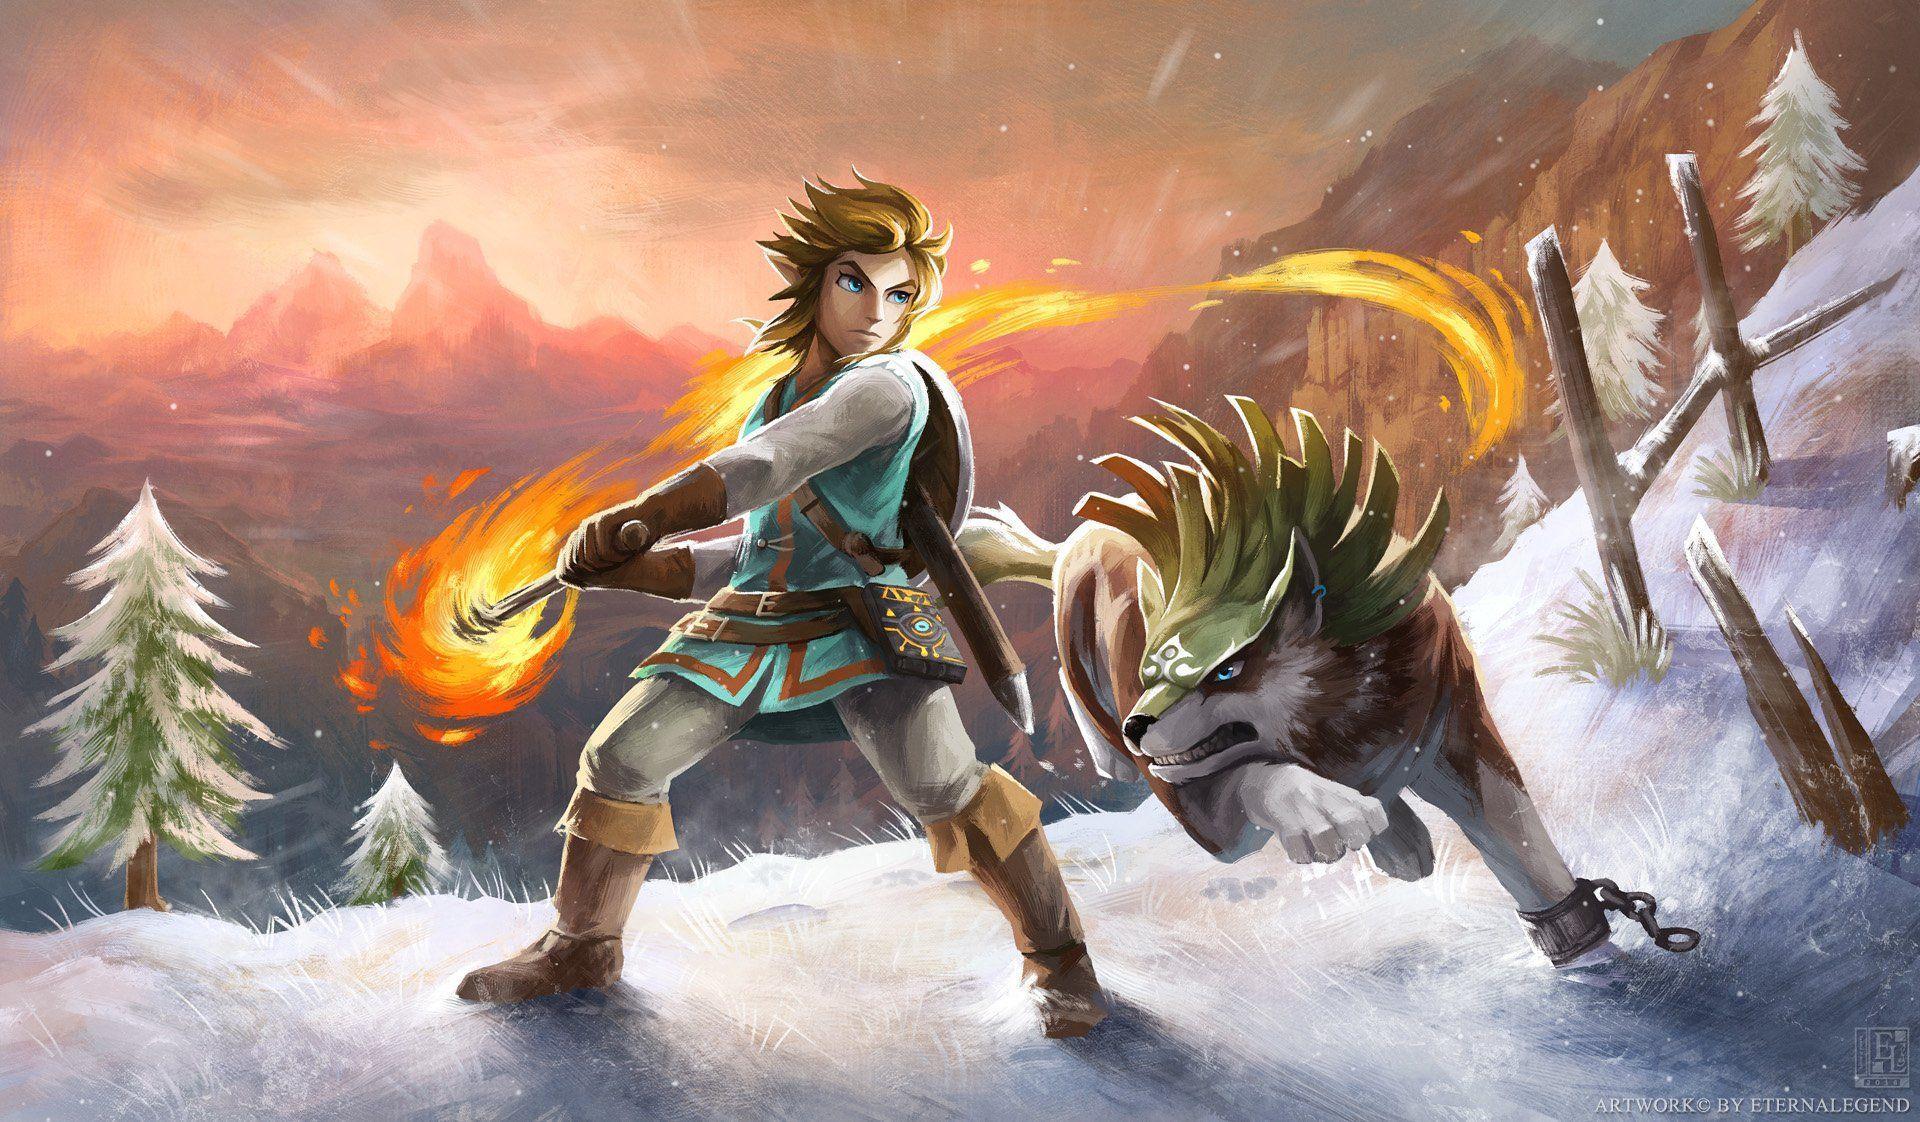 Zelda Botw Wallpapers Top Free Zelda Botw Backgrounds Wallpaperaccess